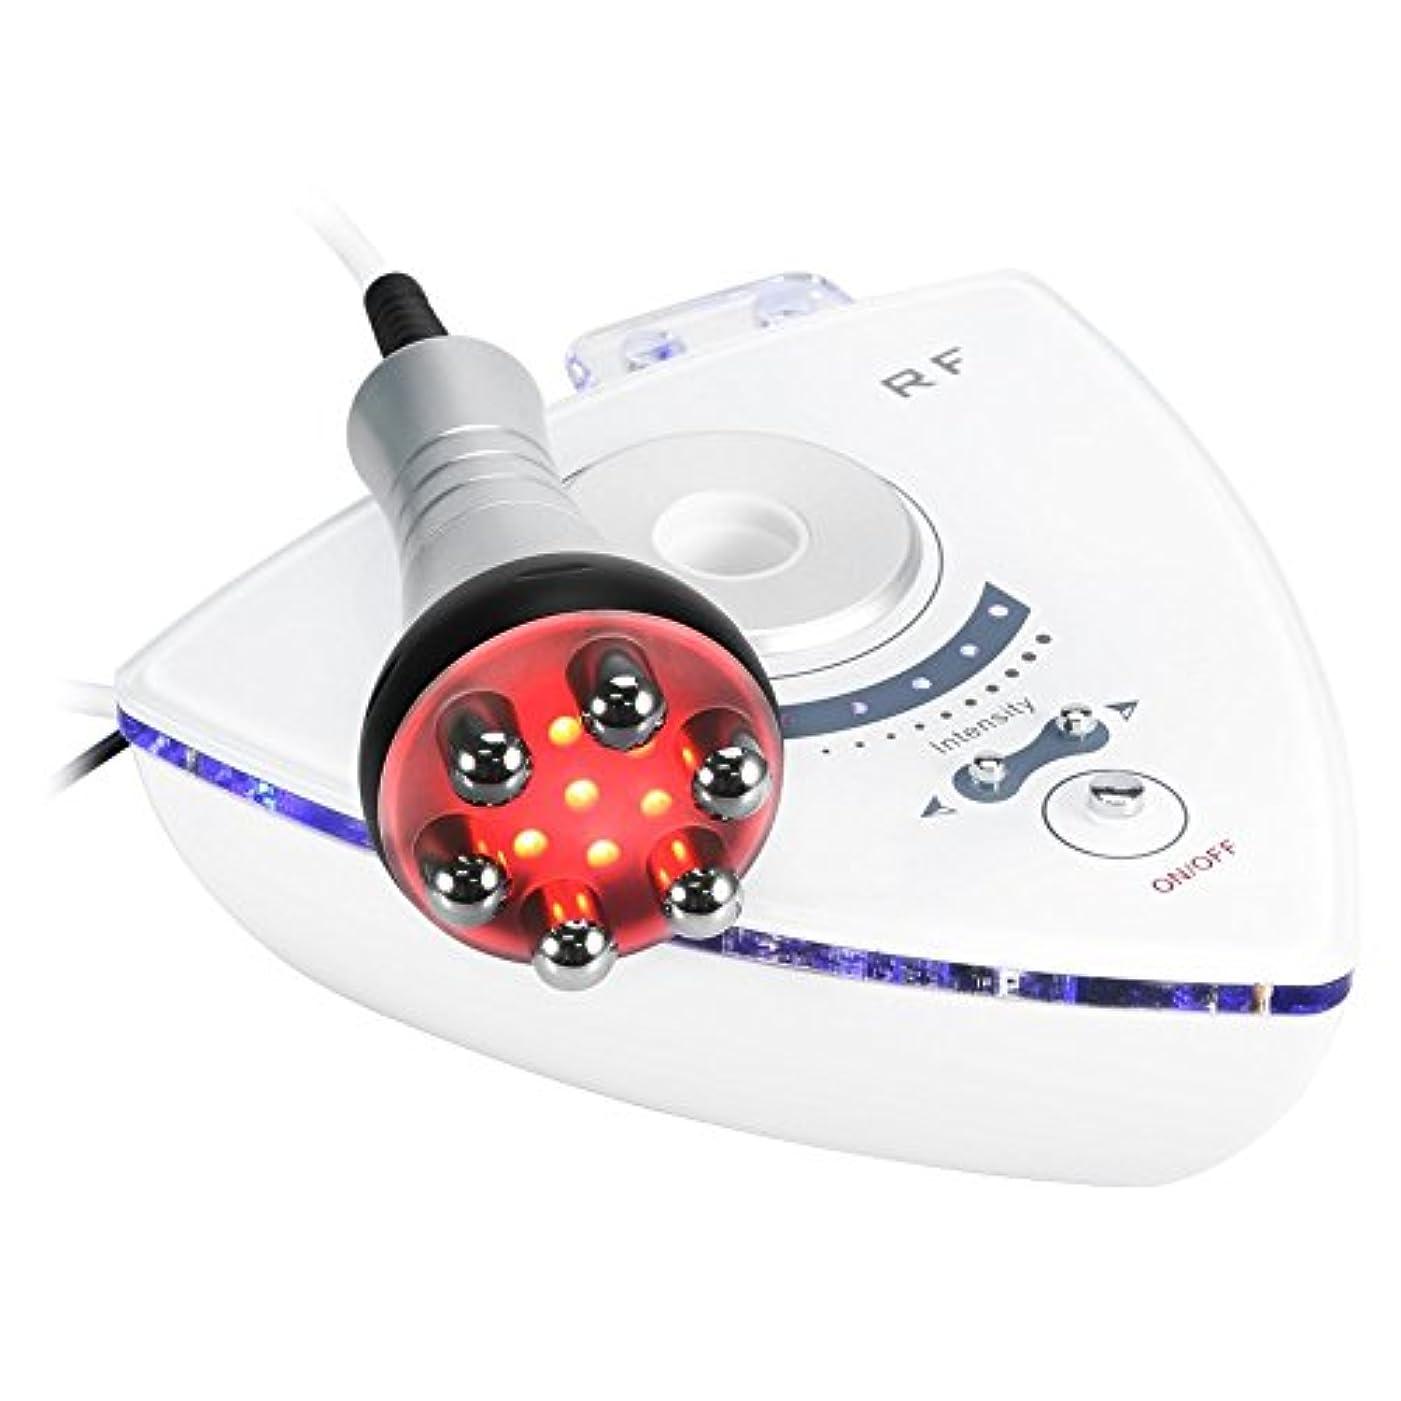 バイポーラRF機器、肌の若返りを治療するためのホットマスク機、抗褥瘡抗シワおよび瘢痕、3極電波美容機器